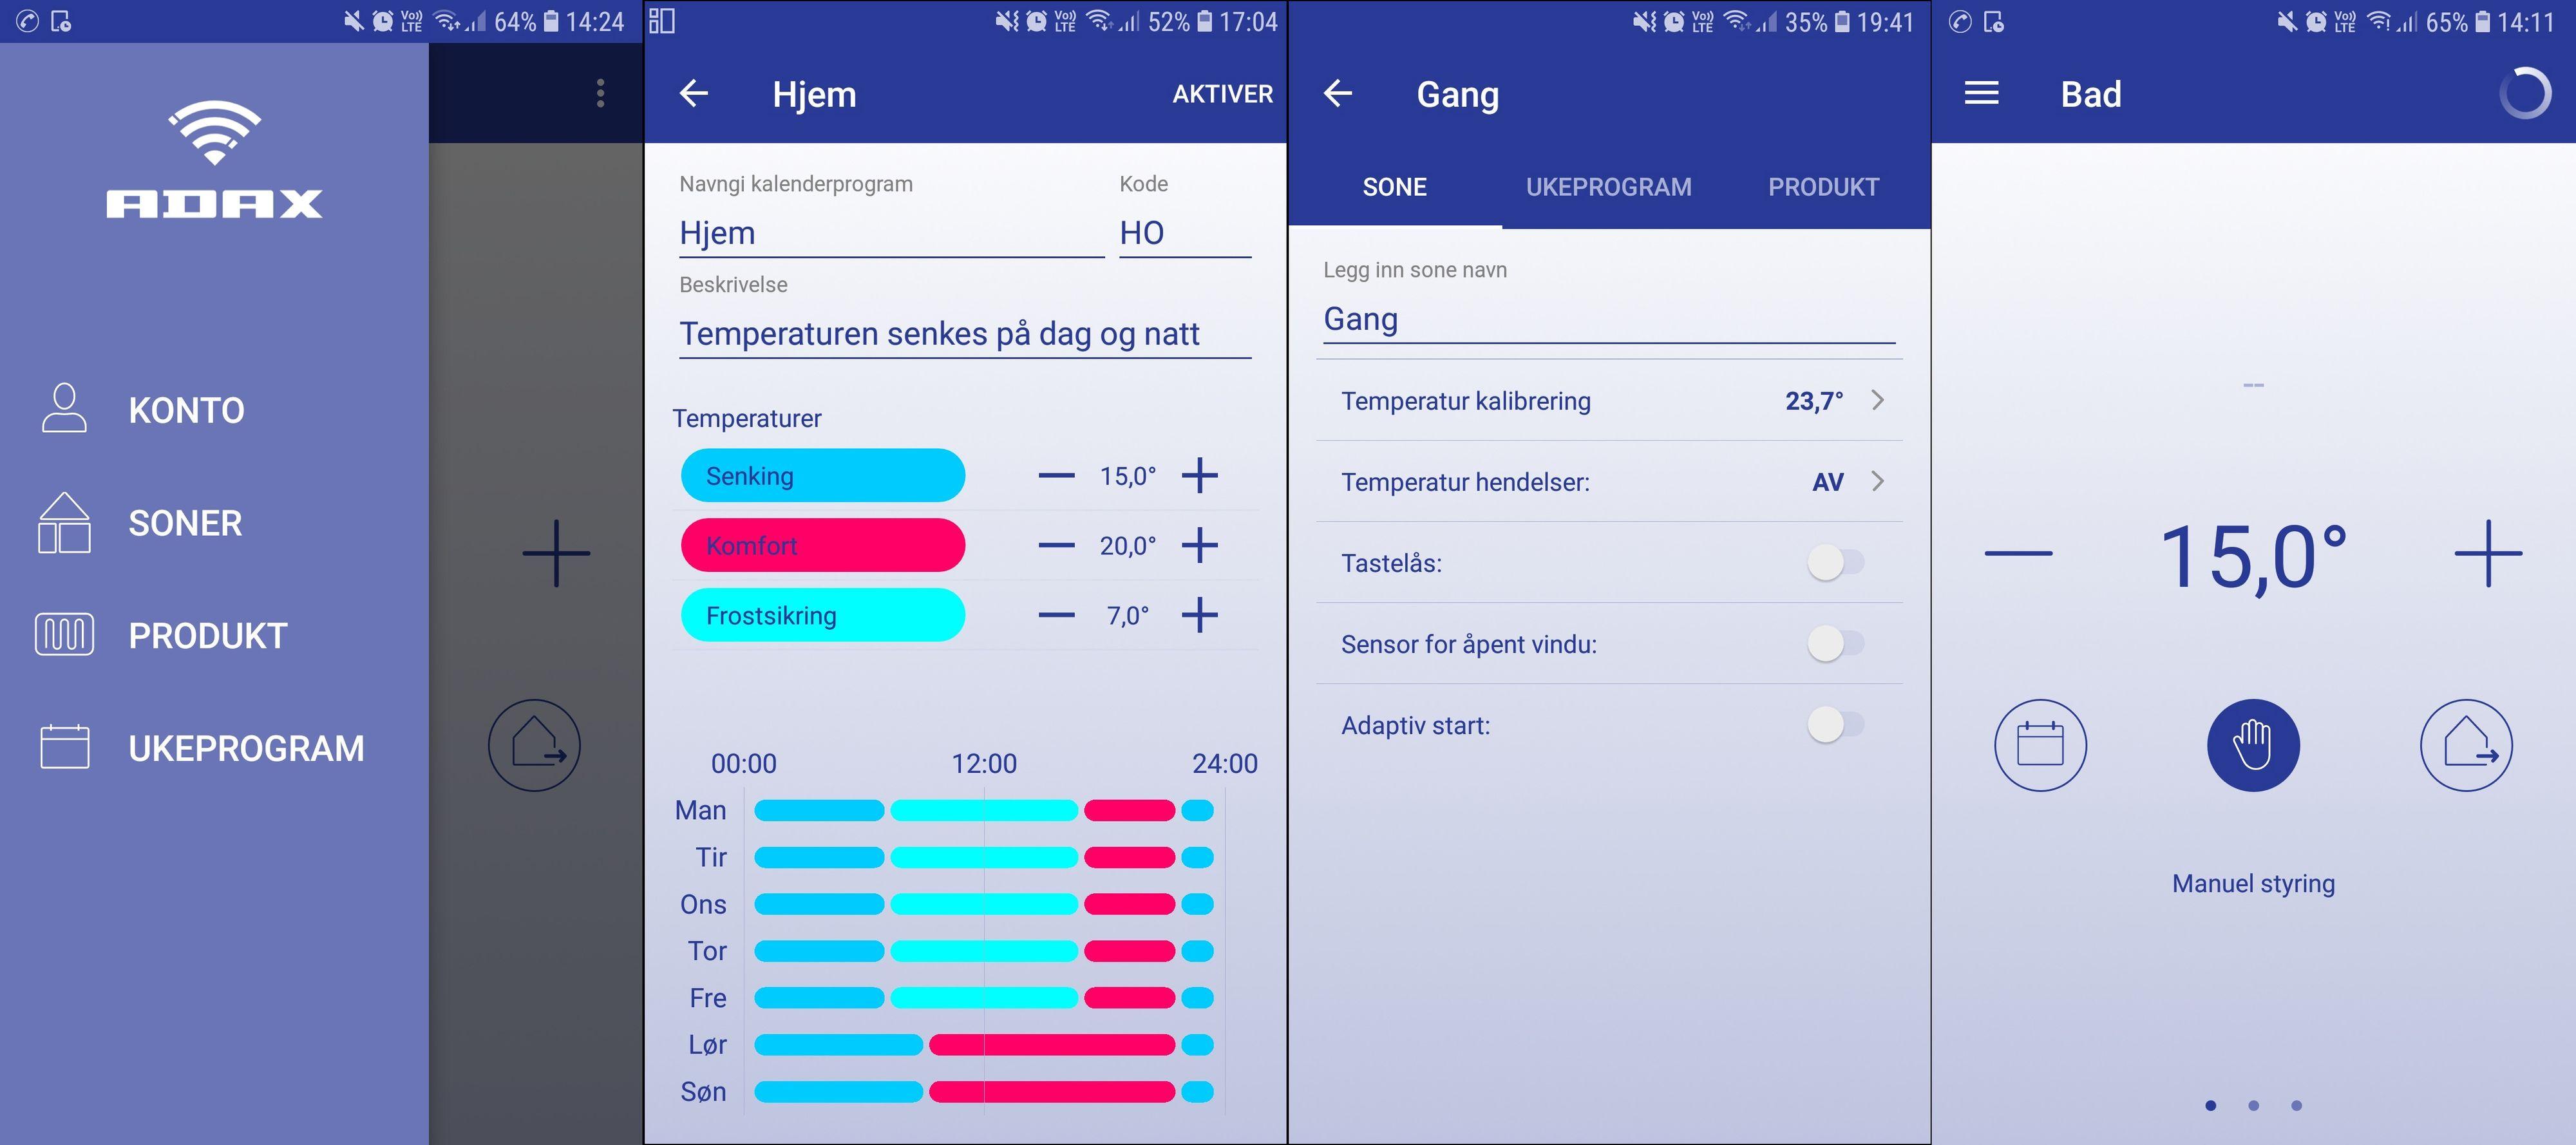 Å lage ukeprogram i Adax-appen går fint, men den visuelle oversikten er ikke den beste. Her er også muligheter for manuell overstyring for hvert enkelt rom.